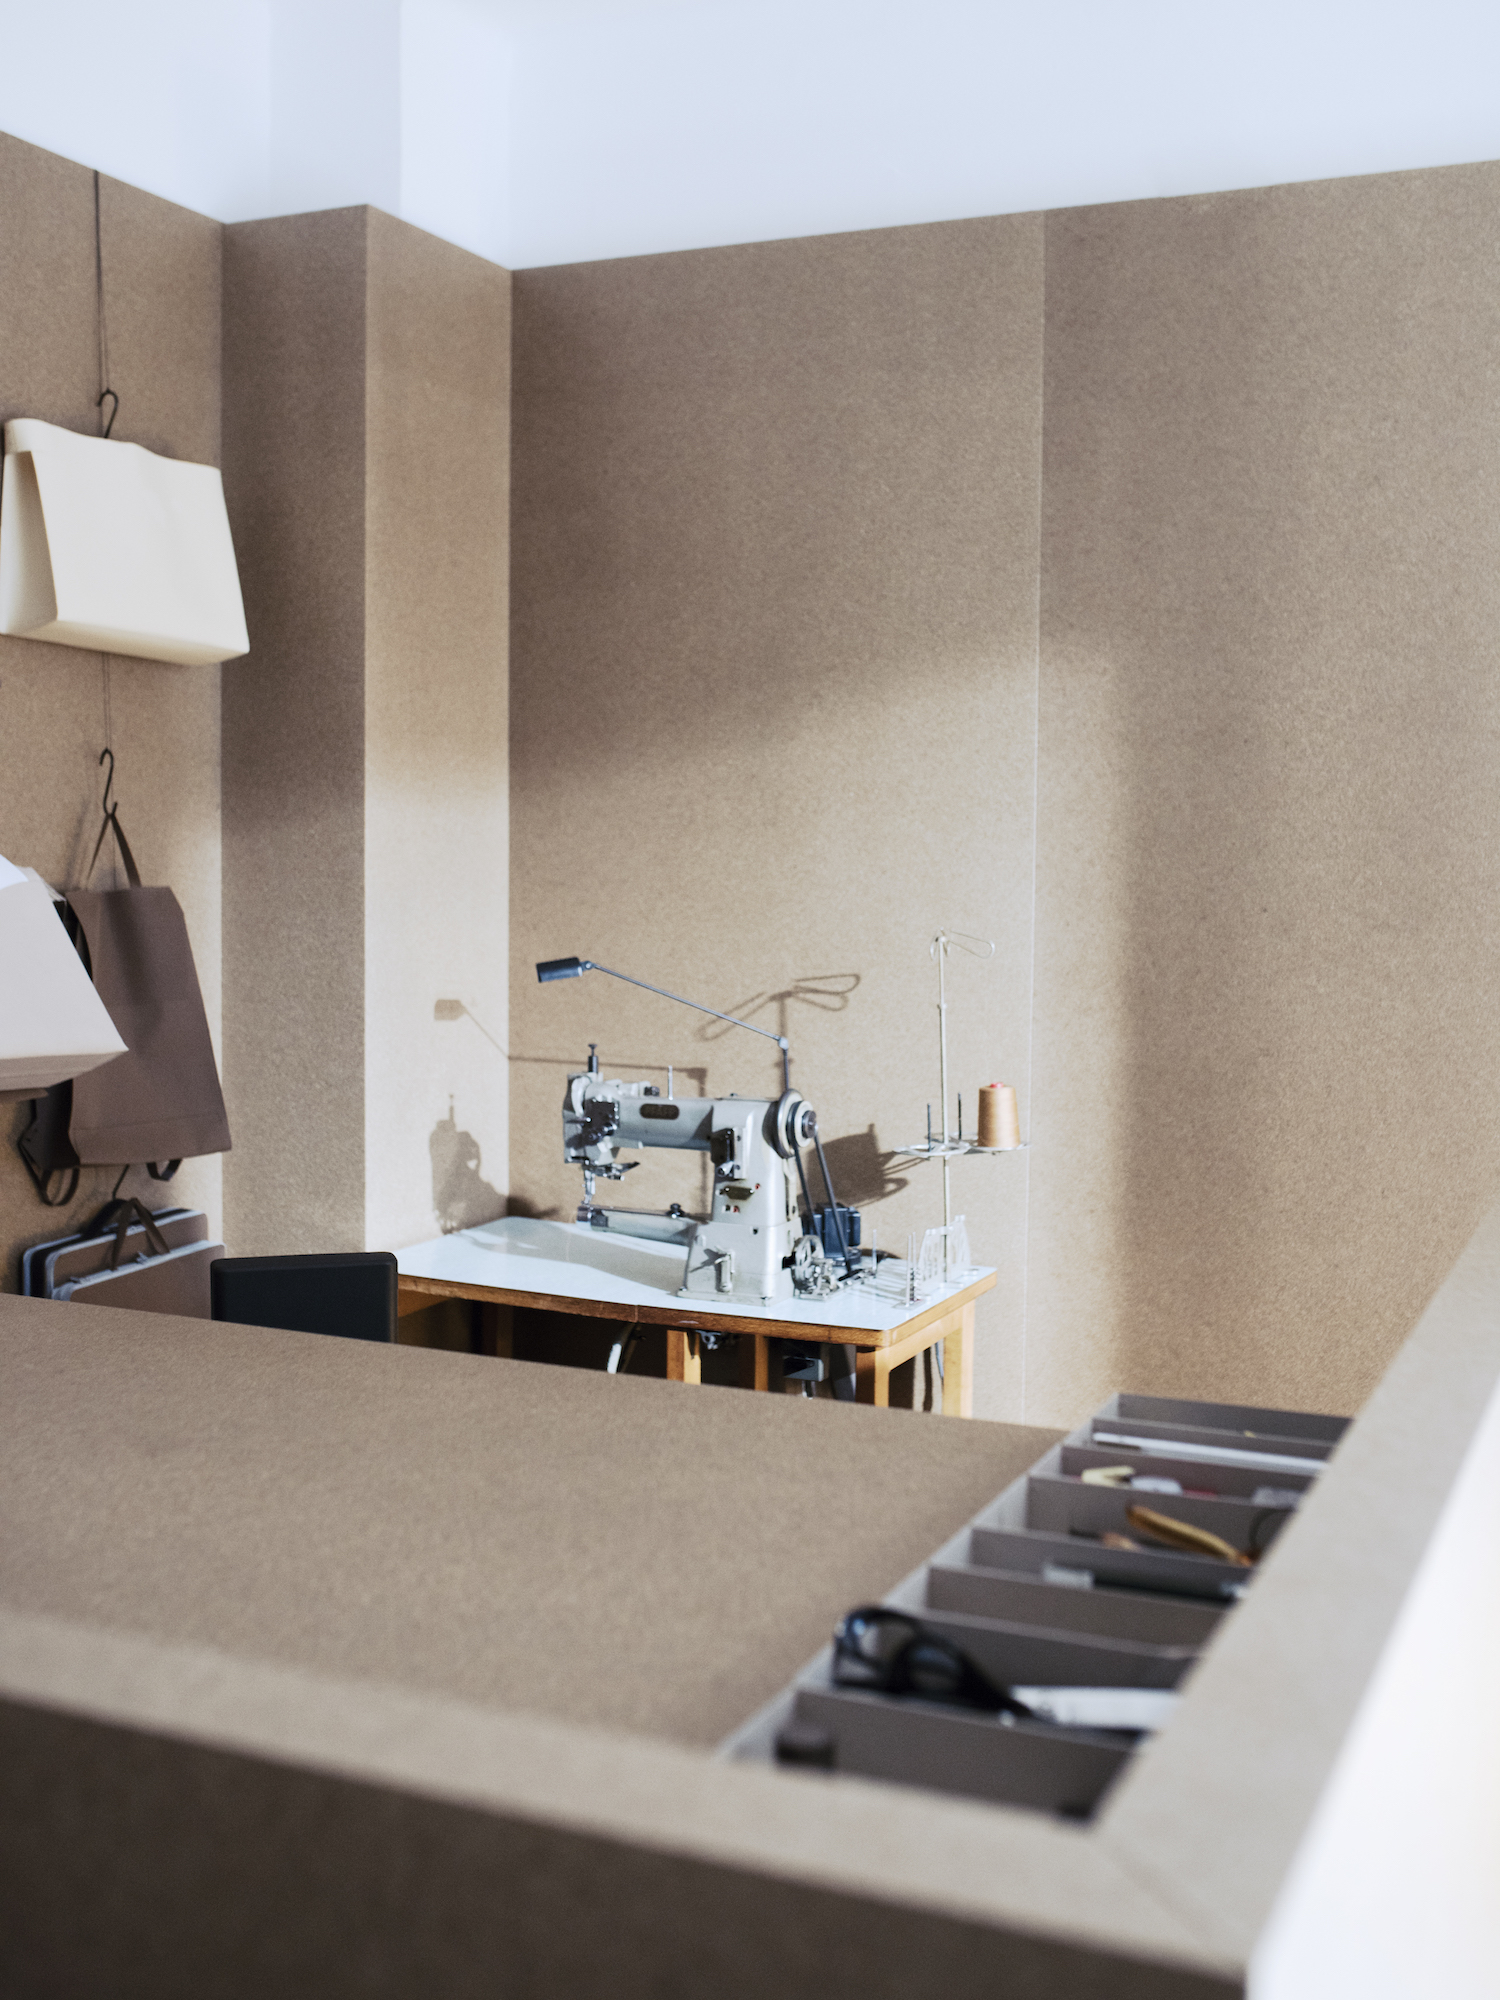 TSATSAS_Atelier_13_GerhardtKellermann.jpg